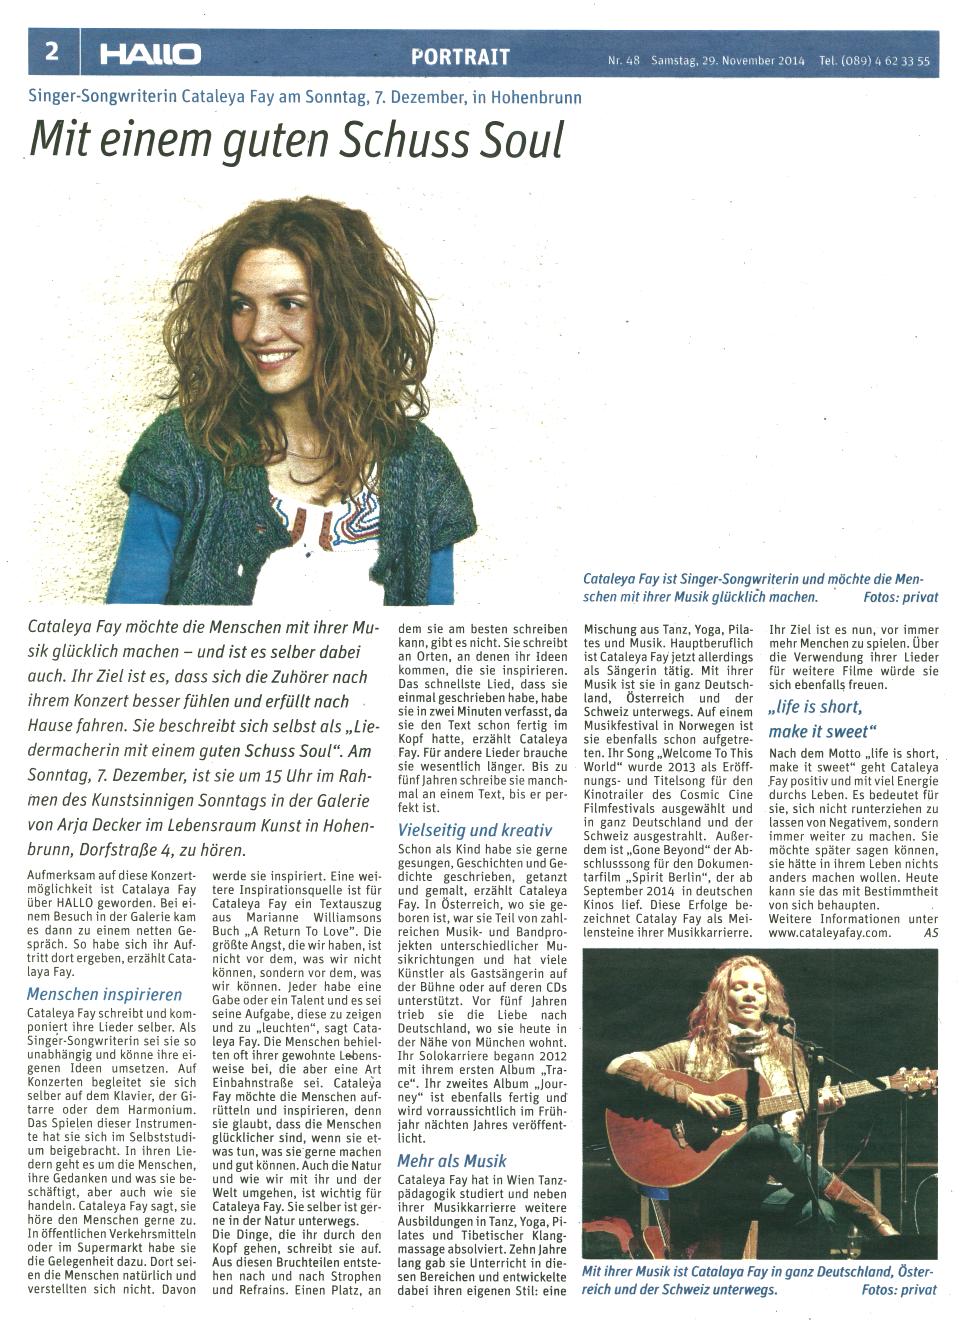 2014-11-29 Bericht im Hallo-Magazin (Scan)